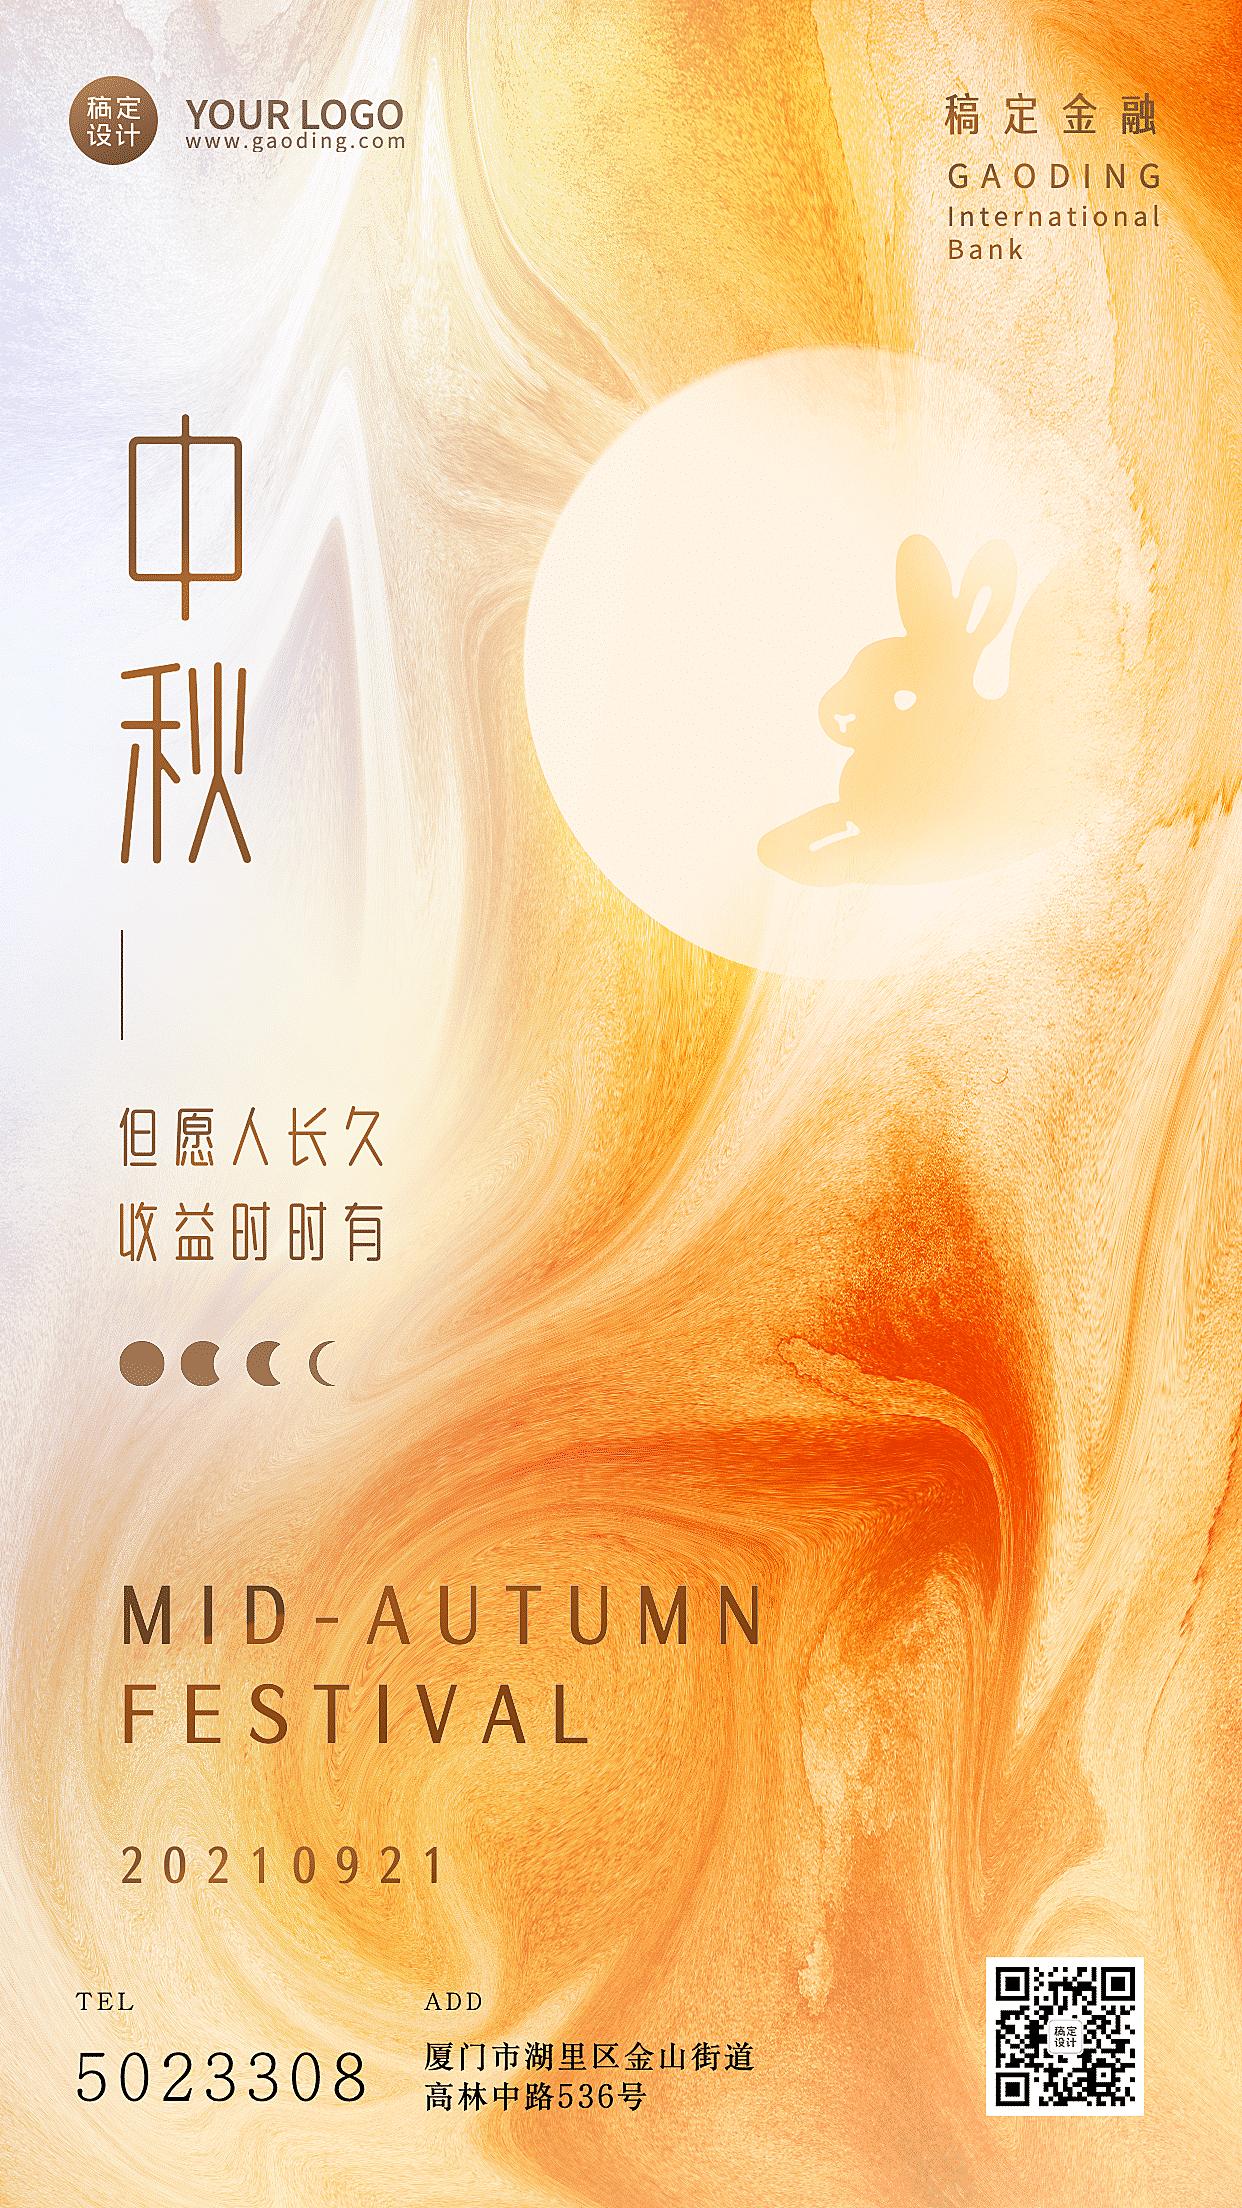 金融保险中秋节节日祝福海报